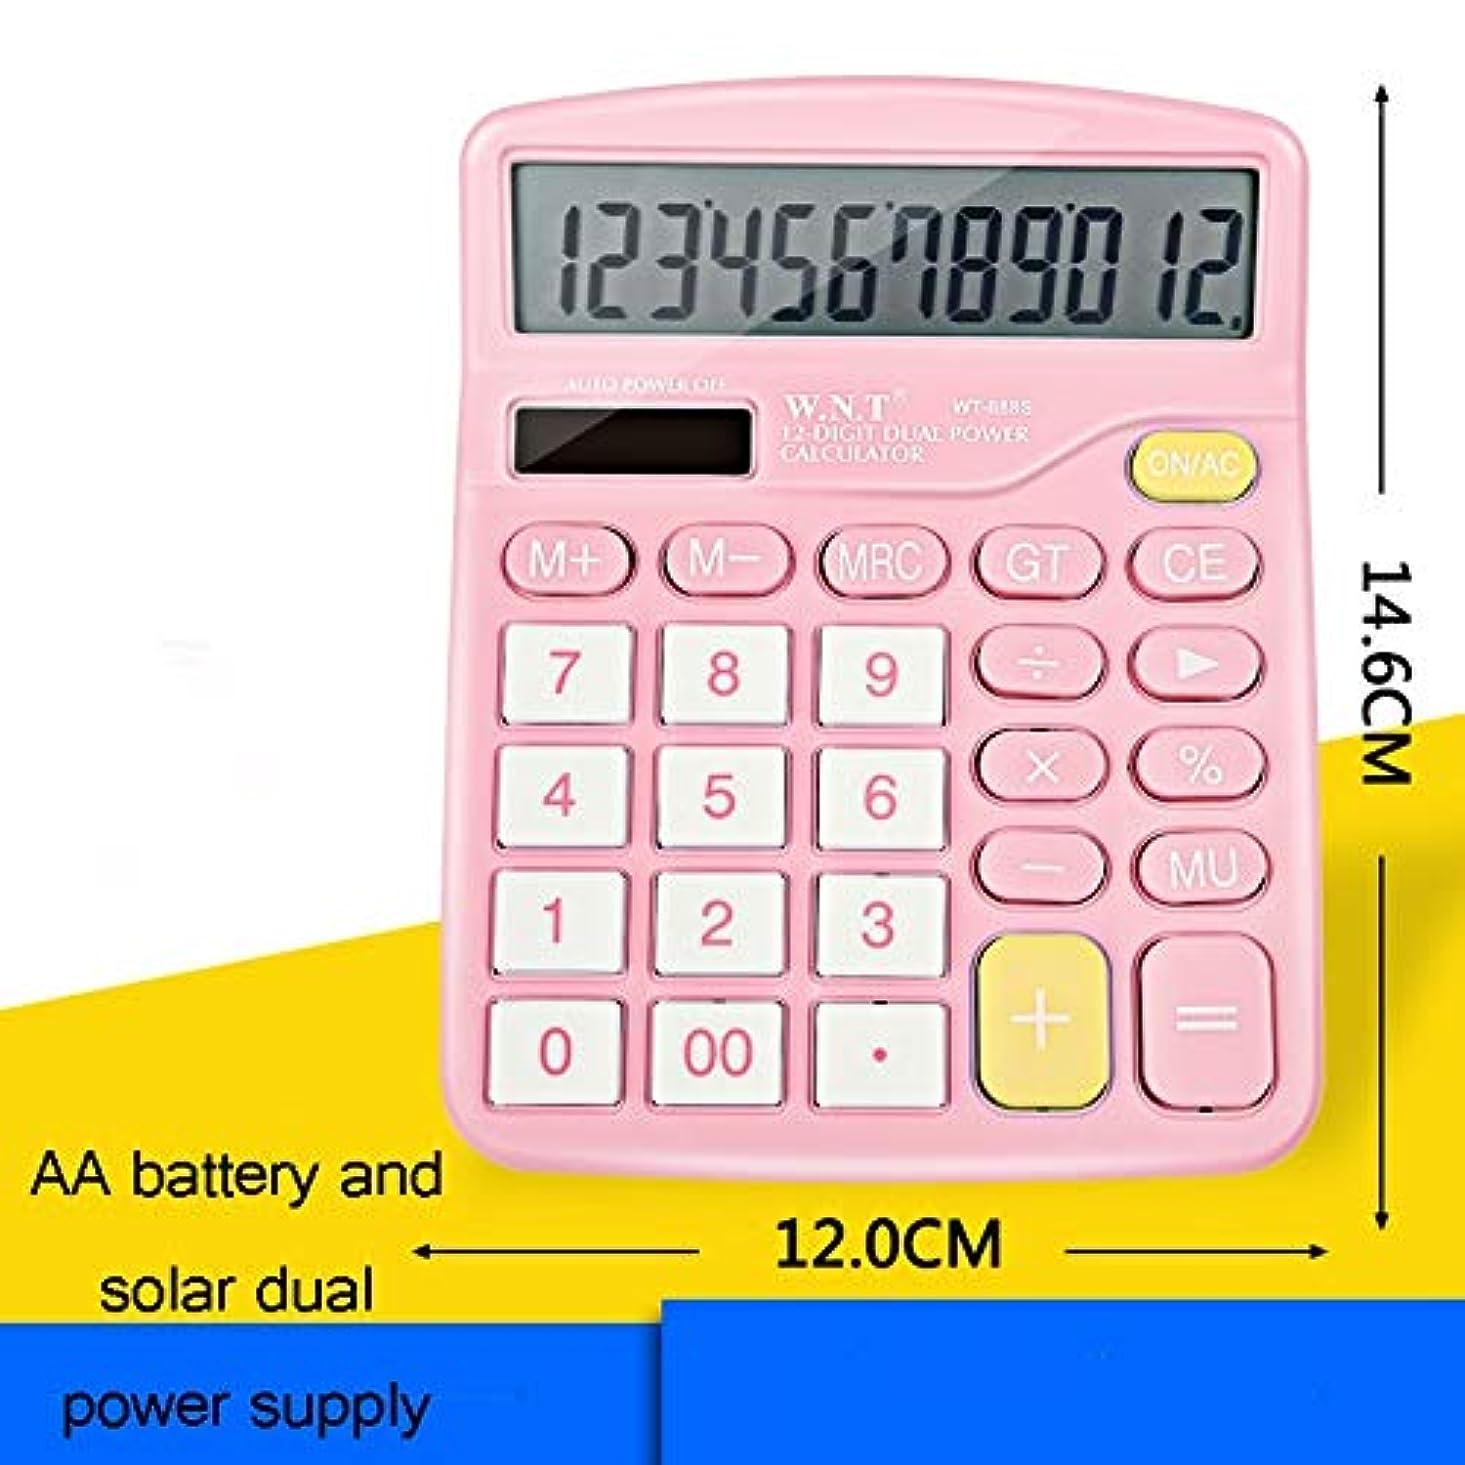 実際のメニュー療法電子計算機 大型LCDモニター 大型LCDモニター 太陽電池デュアルパワーオフィス計算機 デスクトップ計算機 デスクトップ計算機 太陽電池デュアルパワーオフィス計算機 電子計算機 S-17 (C)